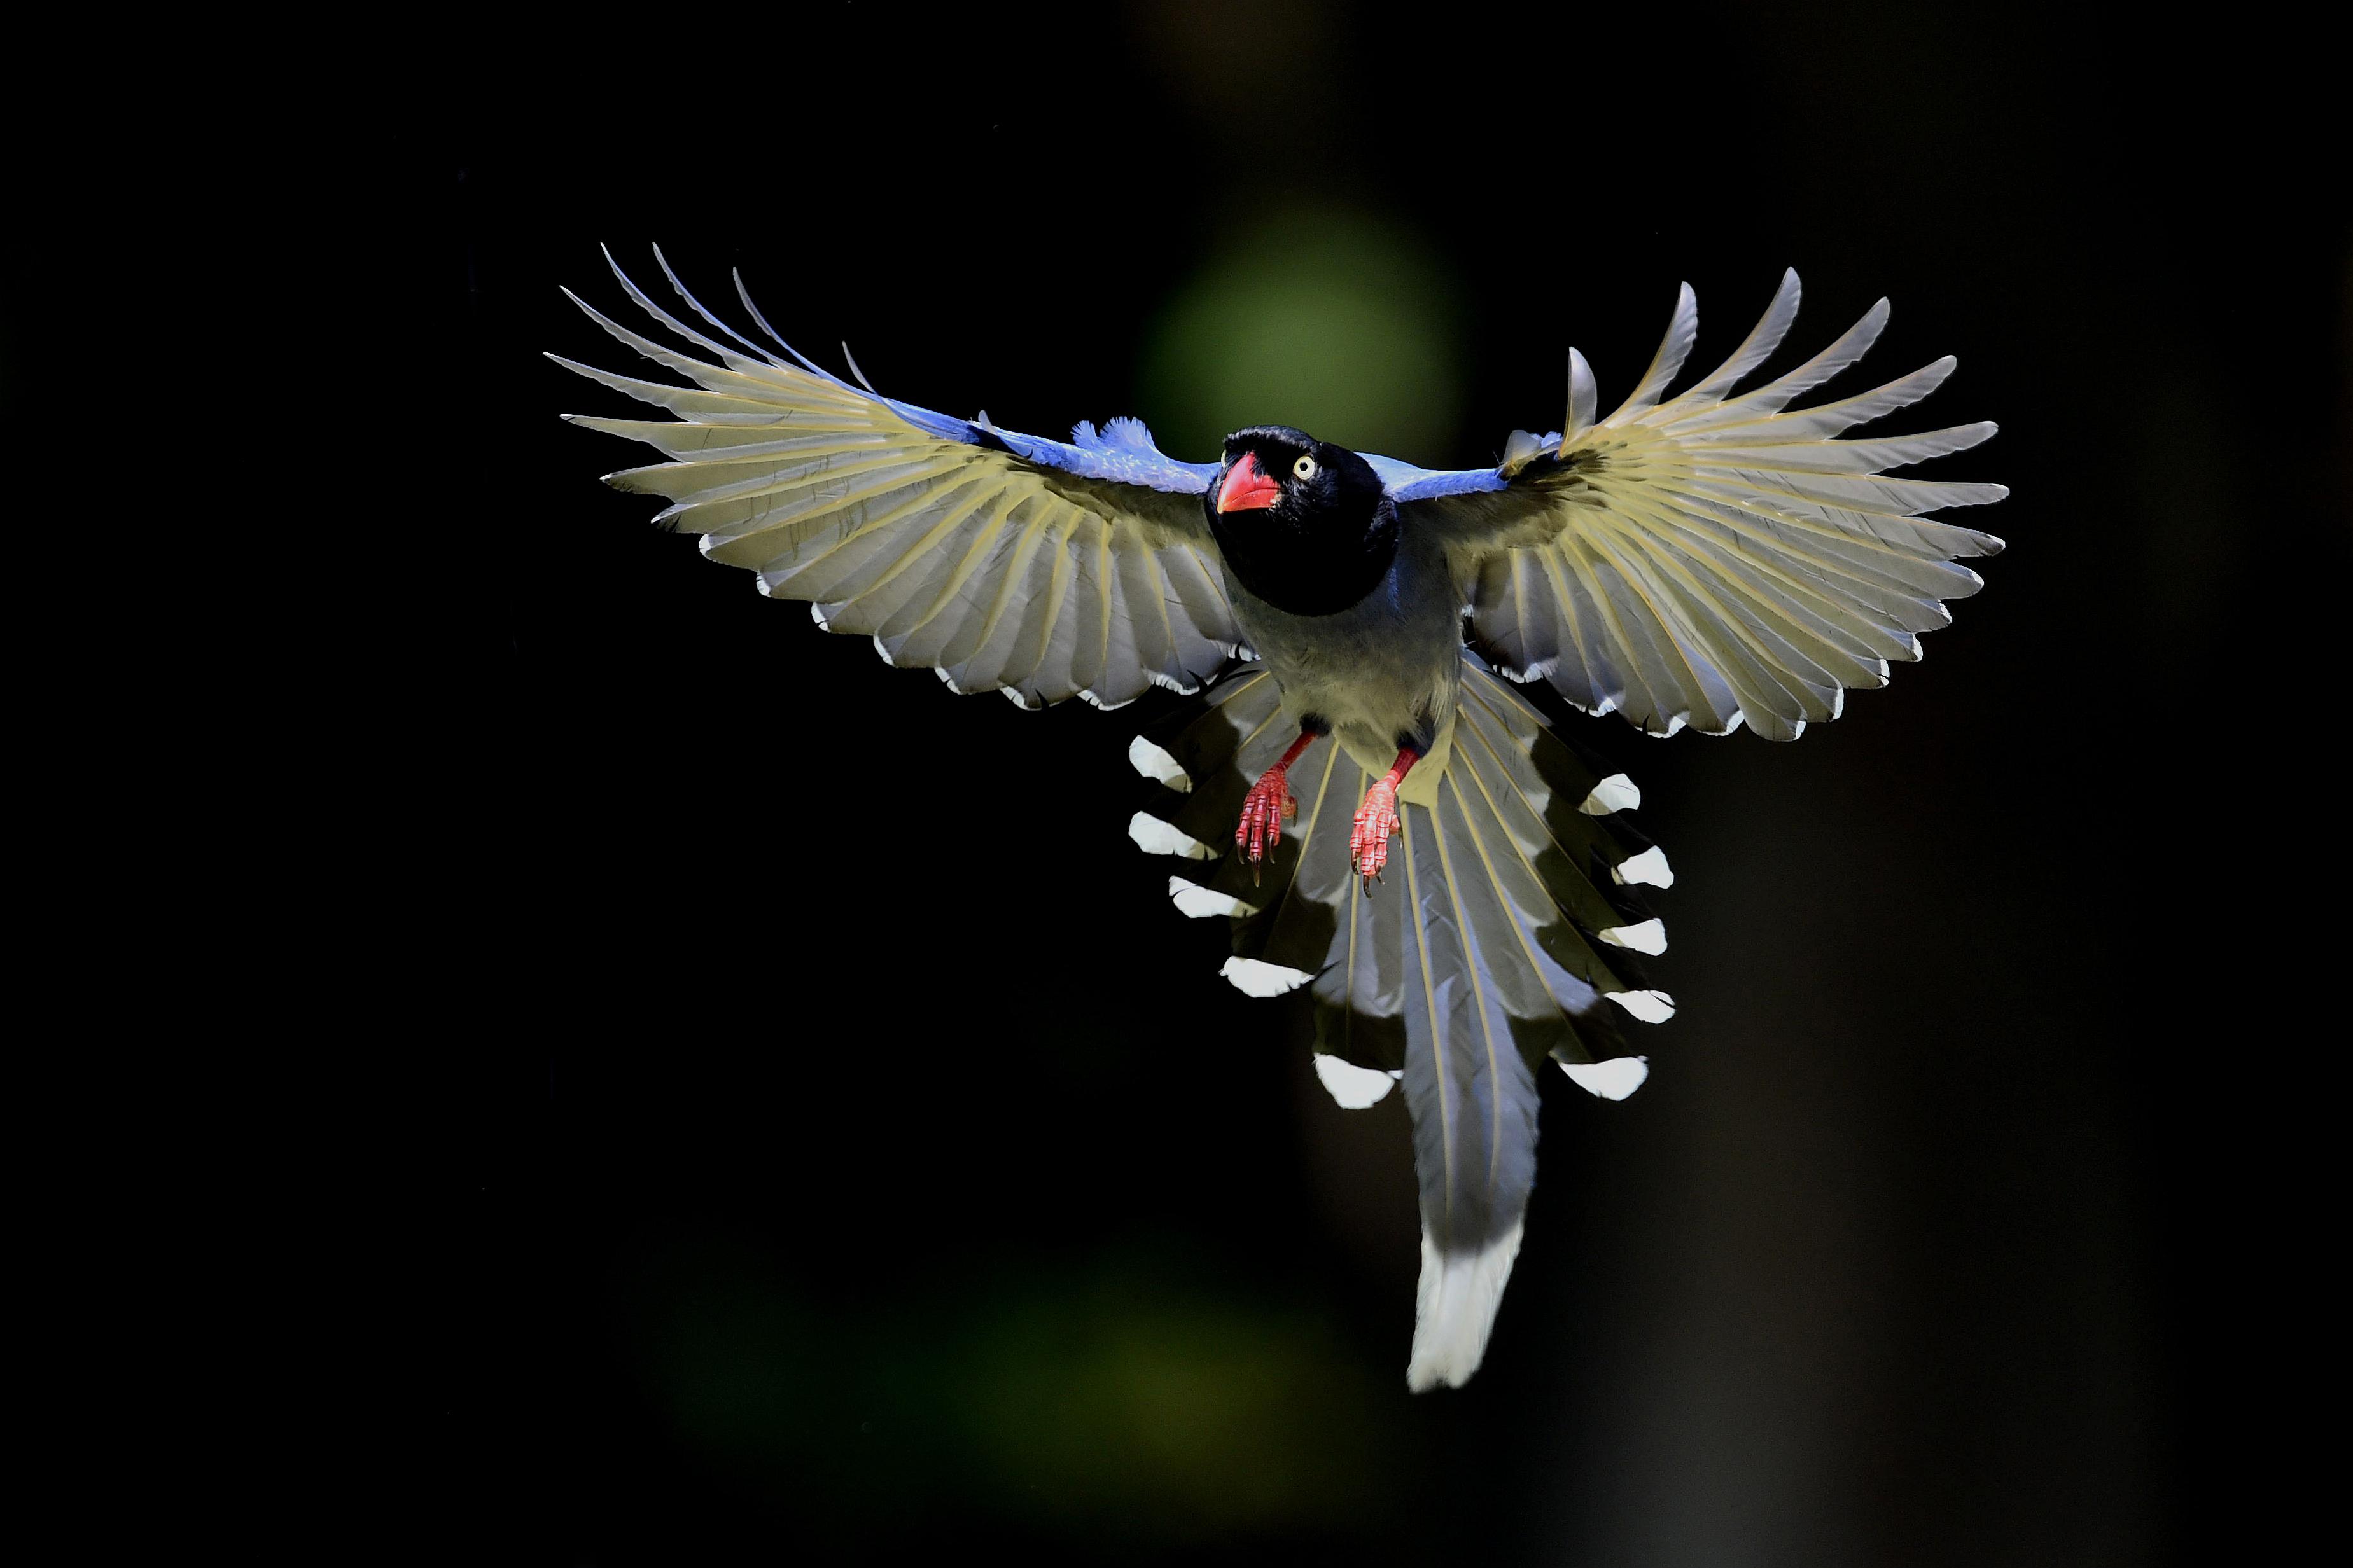 Taiwan Blue Magpie - 3698x2465